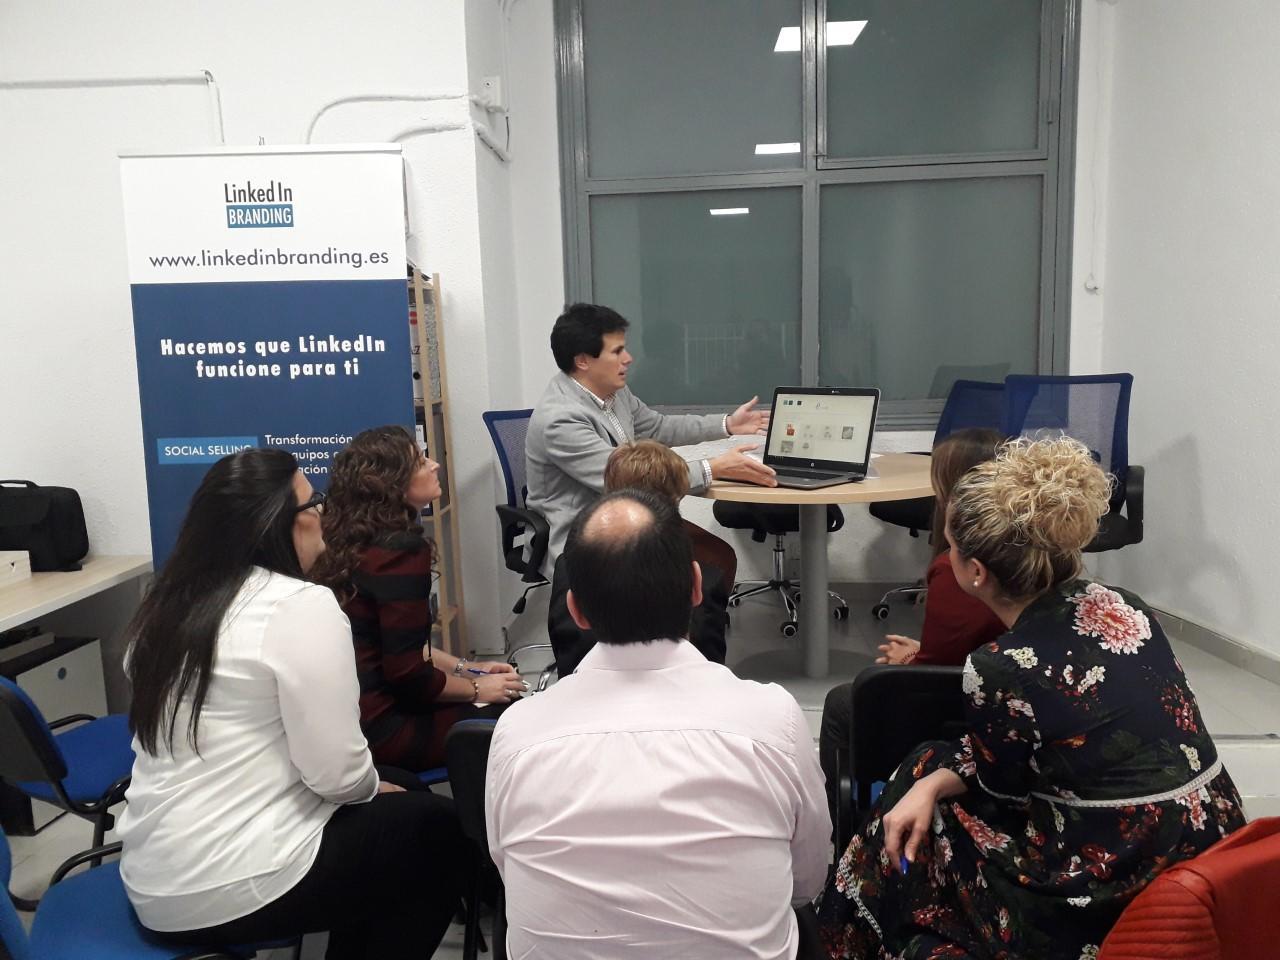 Nuestro compañero Mikel Escriche hablando en el evento Conectting People.